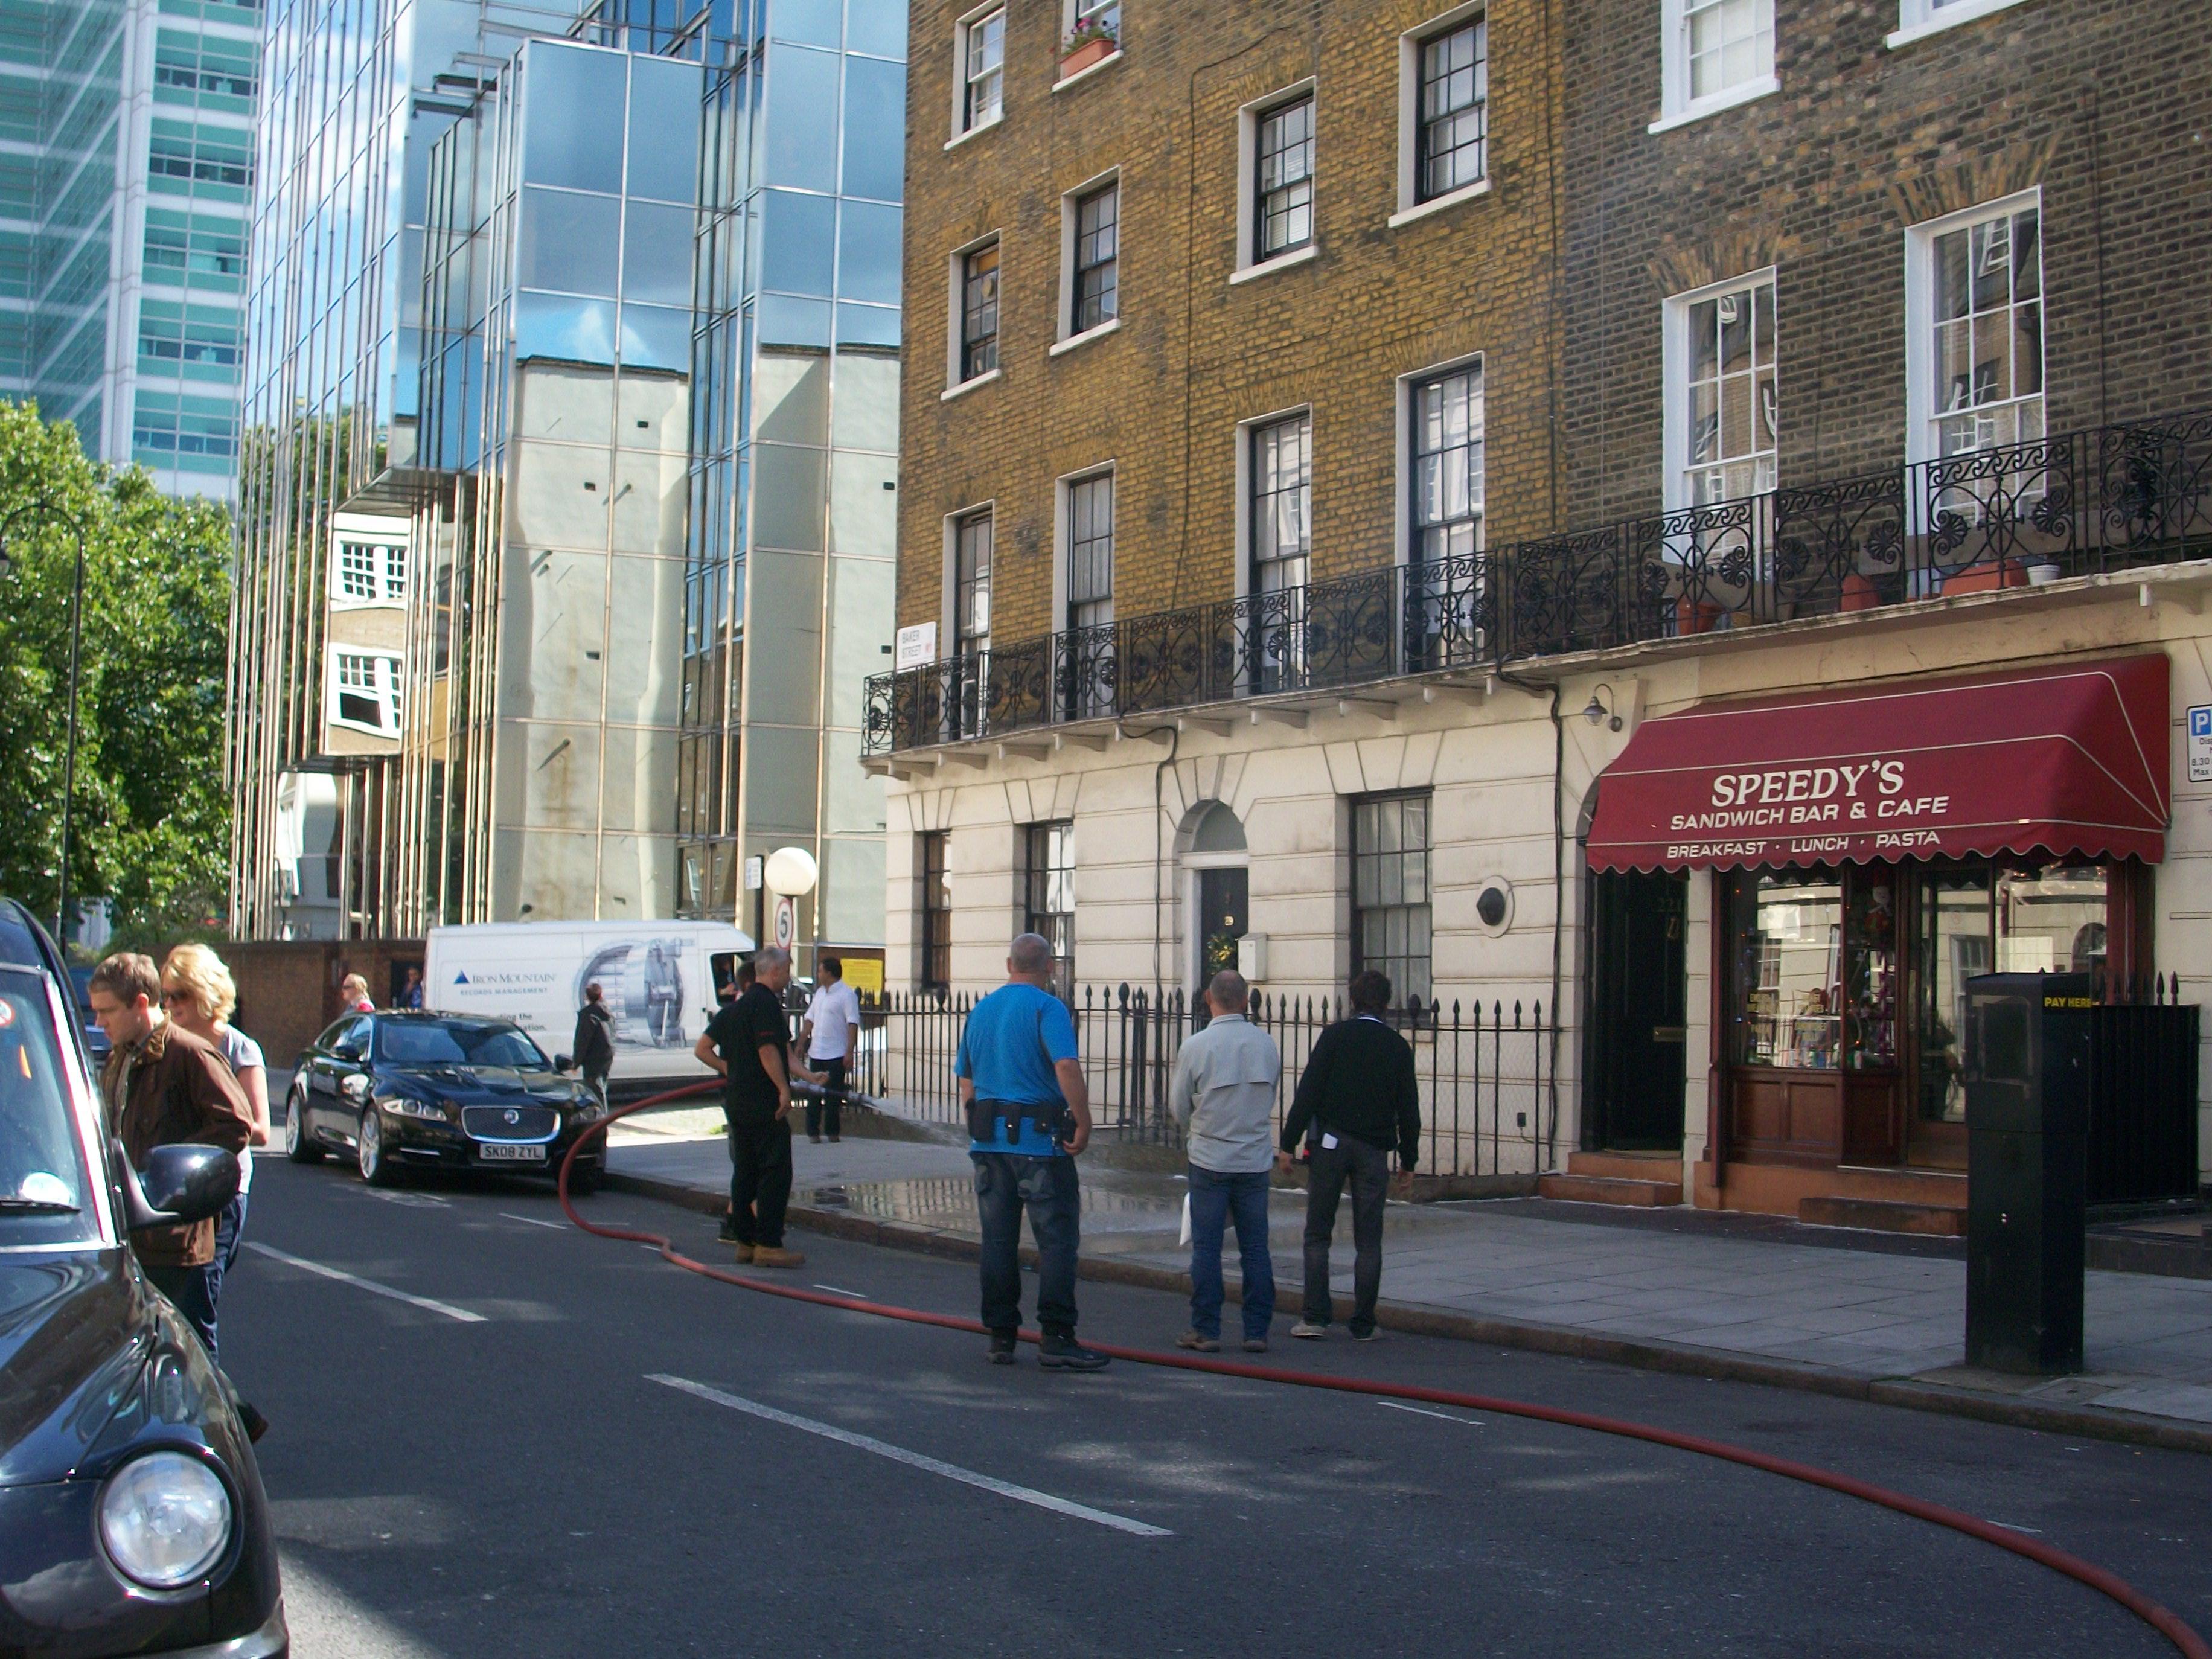 File:North Gower Street, London - Sherlock.jpg - Wikimedia ...